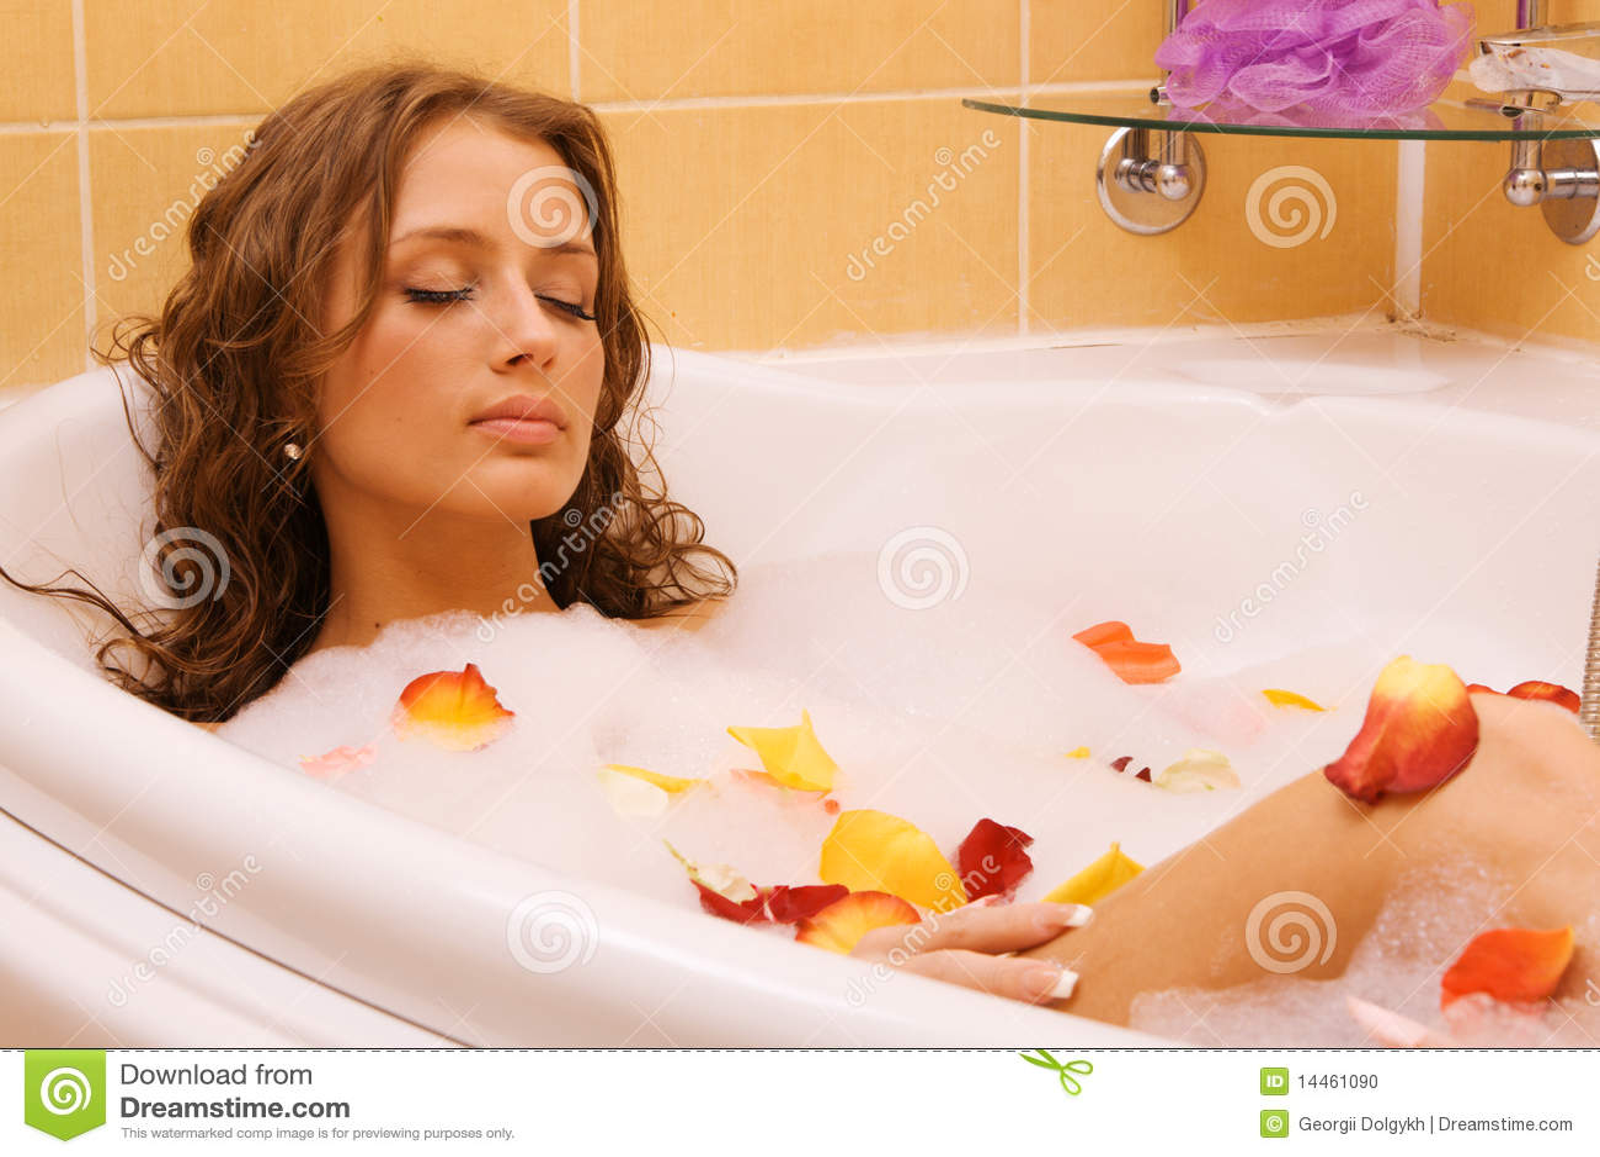 Принимает ванну в трусах 26 фотография